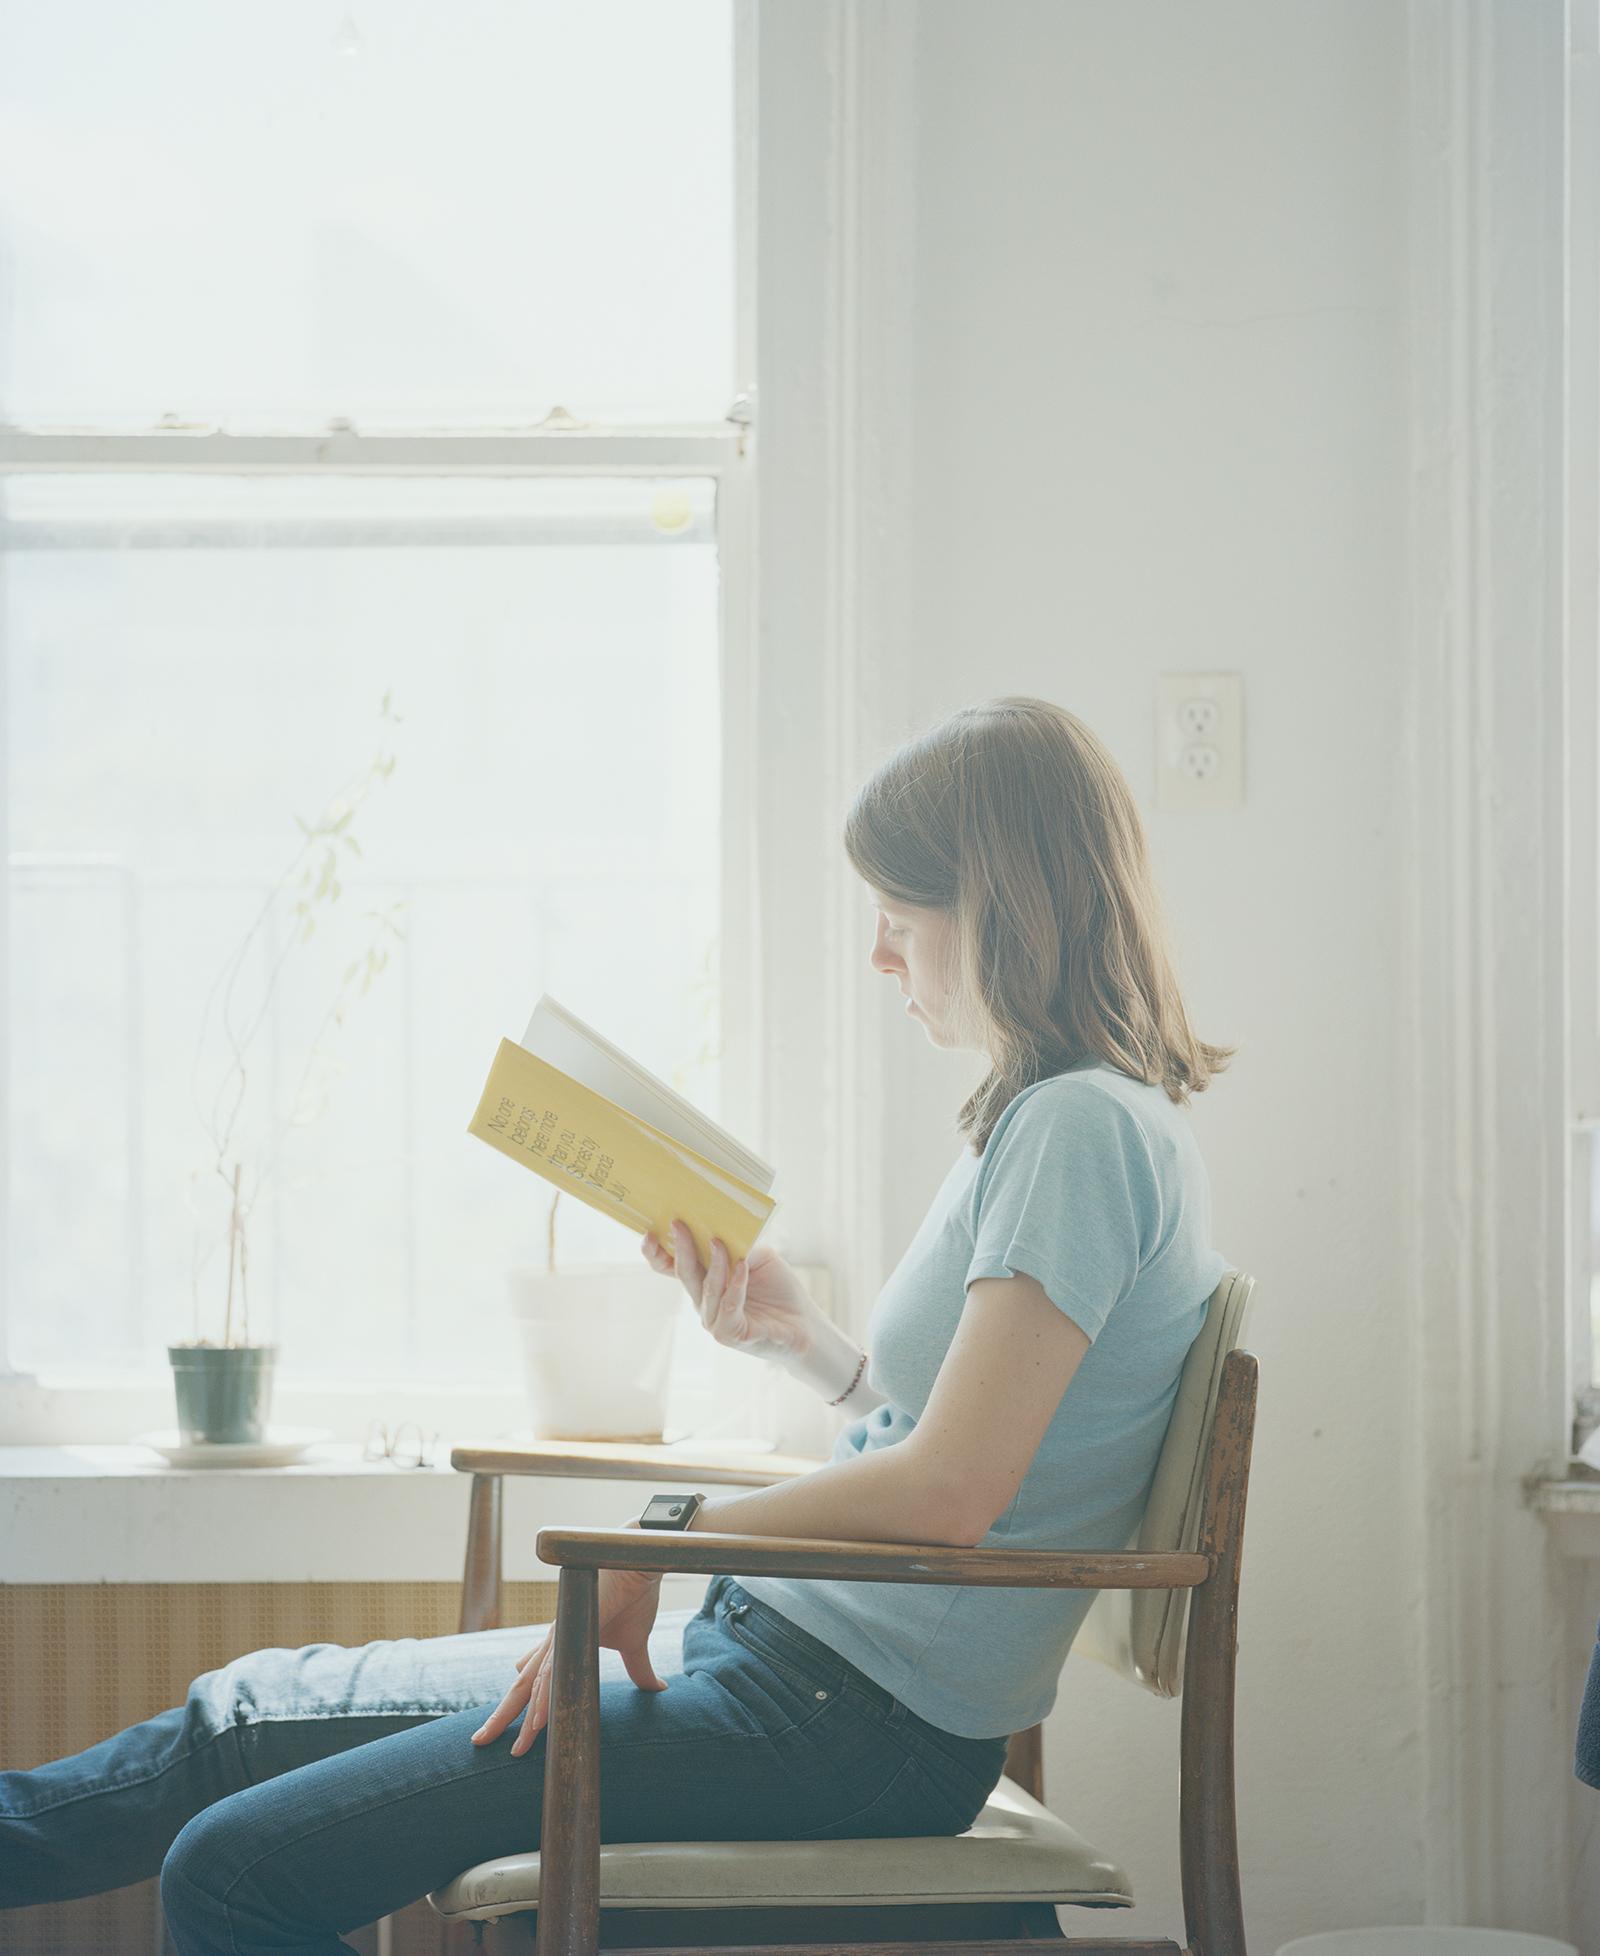 carrie schneider work reading women portraits